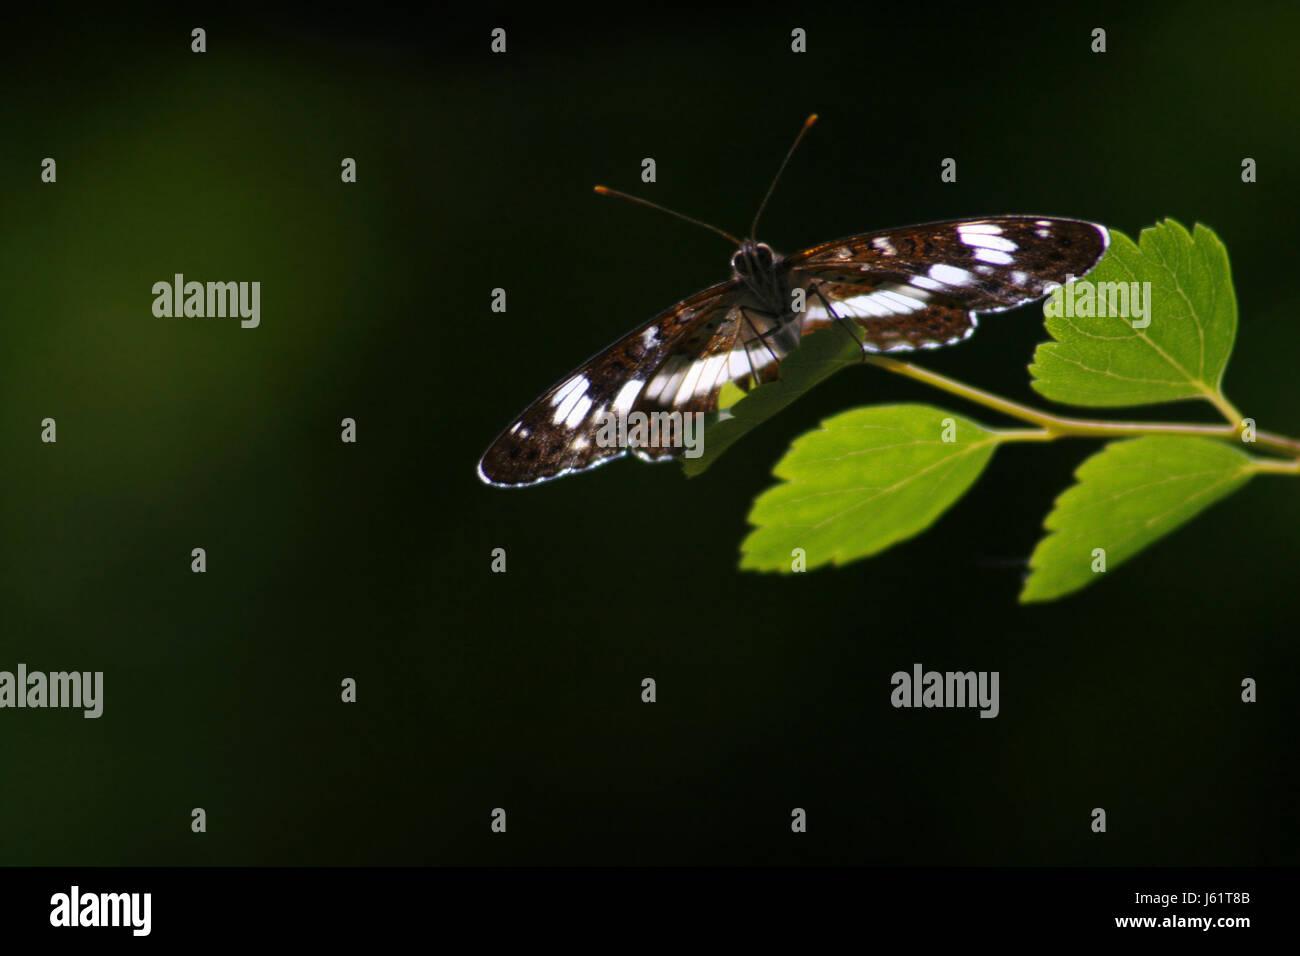 backlit - Stock Image